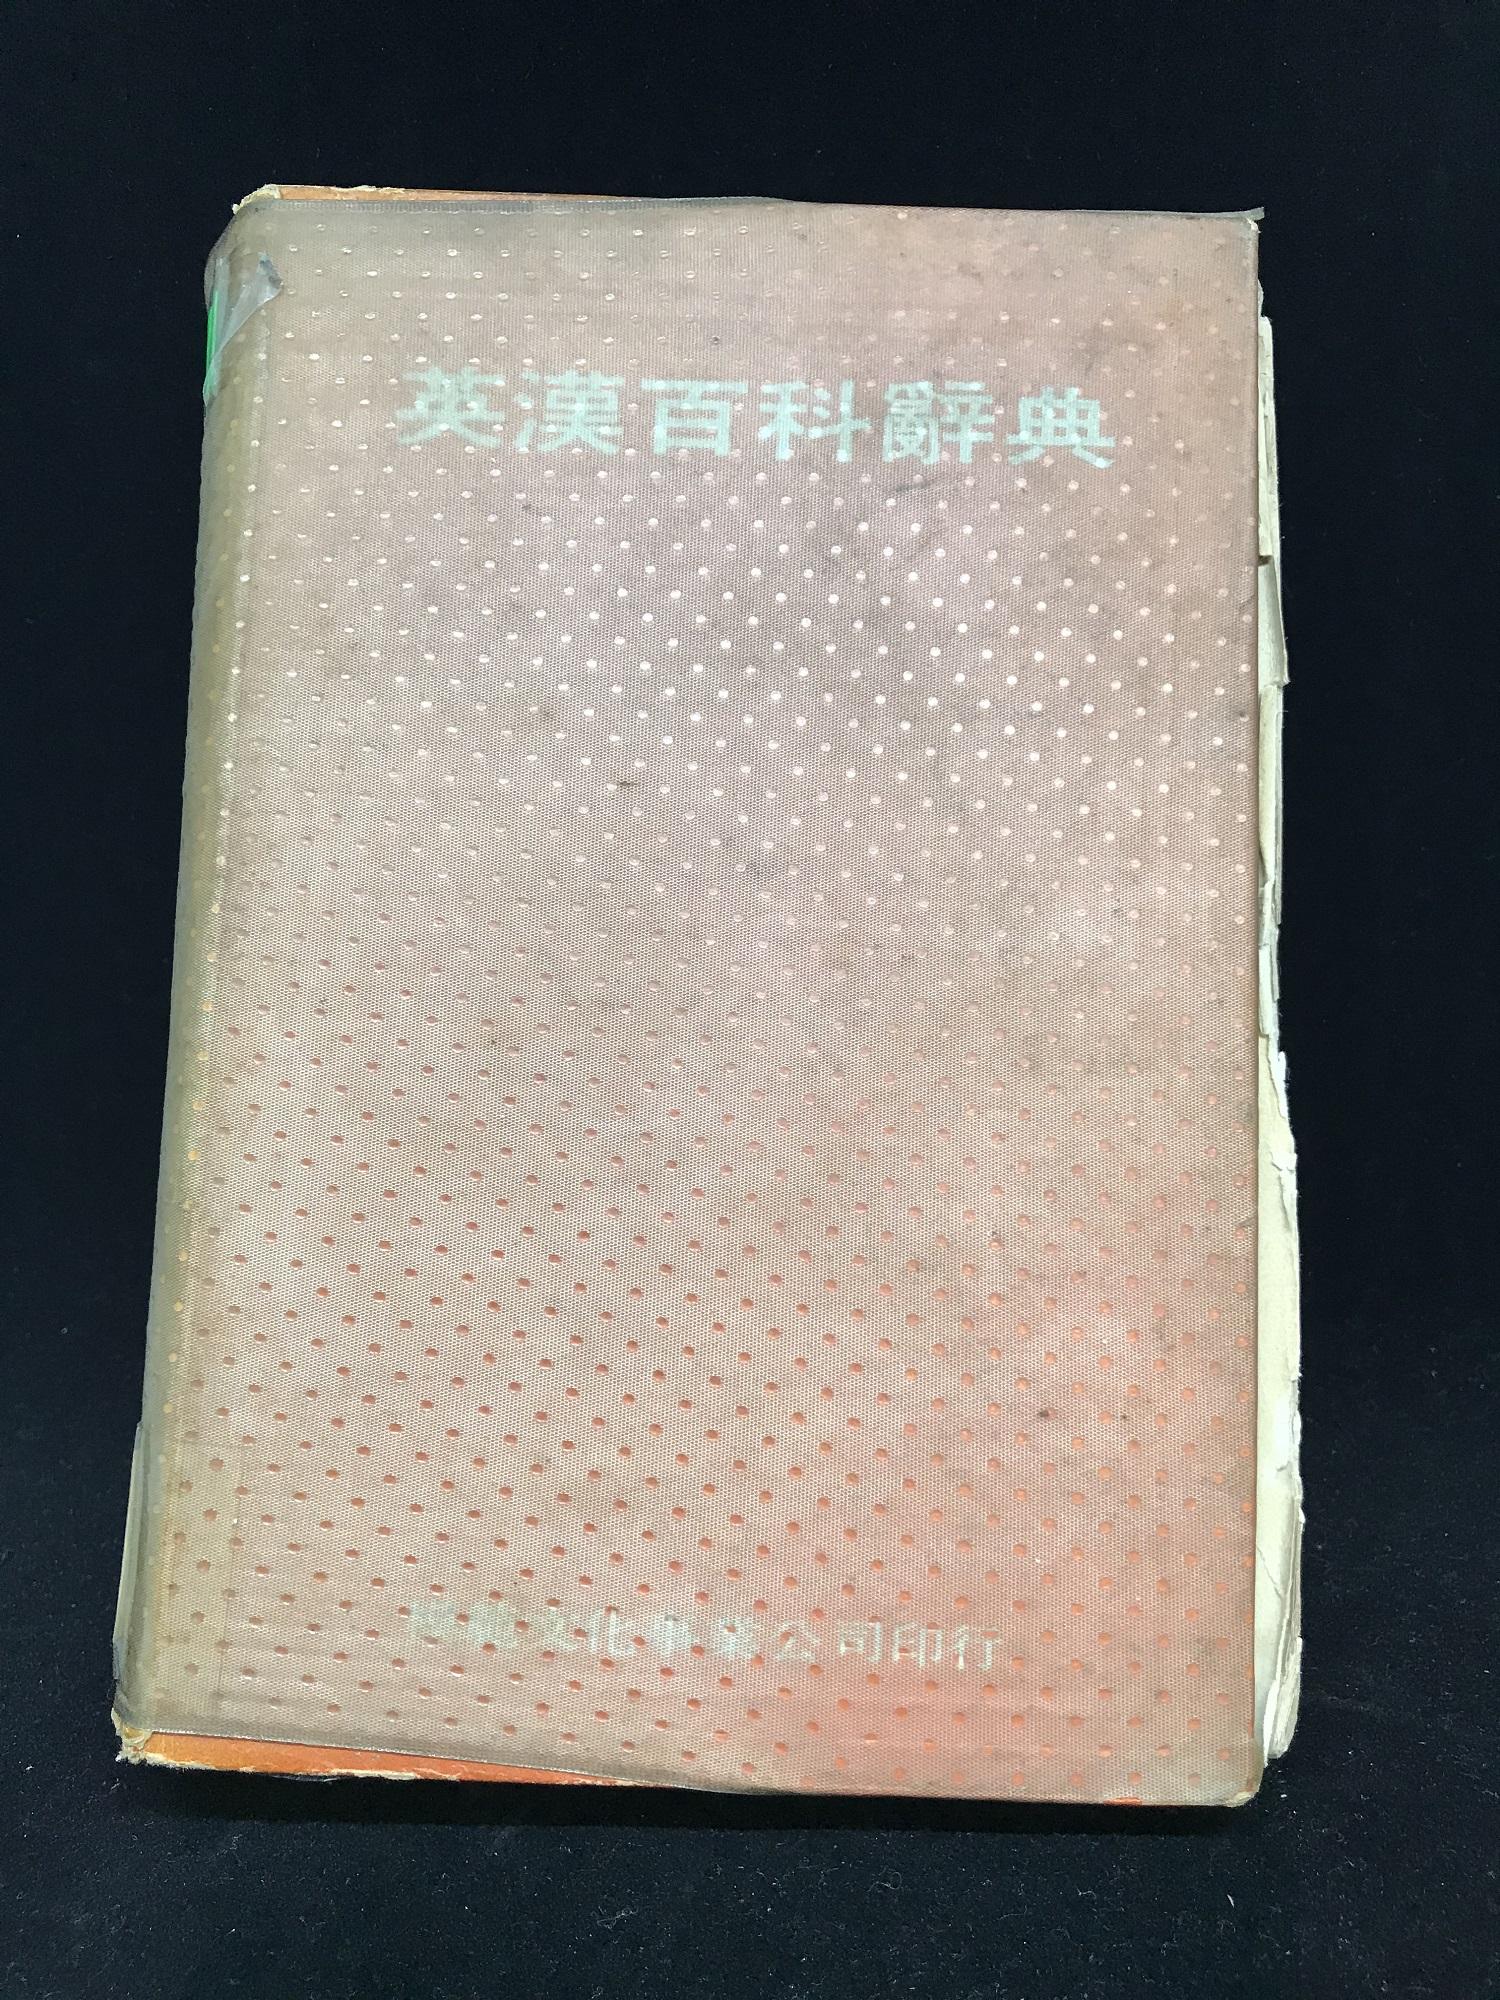 通稿照片-民國56年1月模範出版社出版了一本由方振淵主編的「英漢百科辭典」.JPG